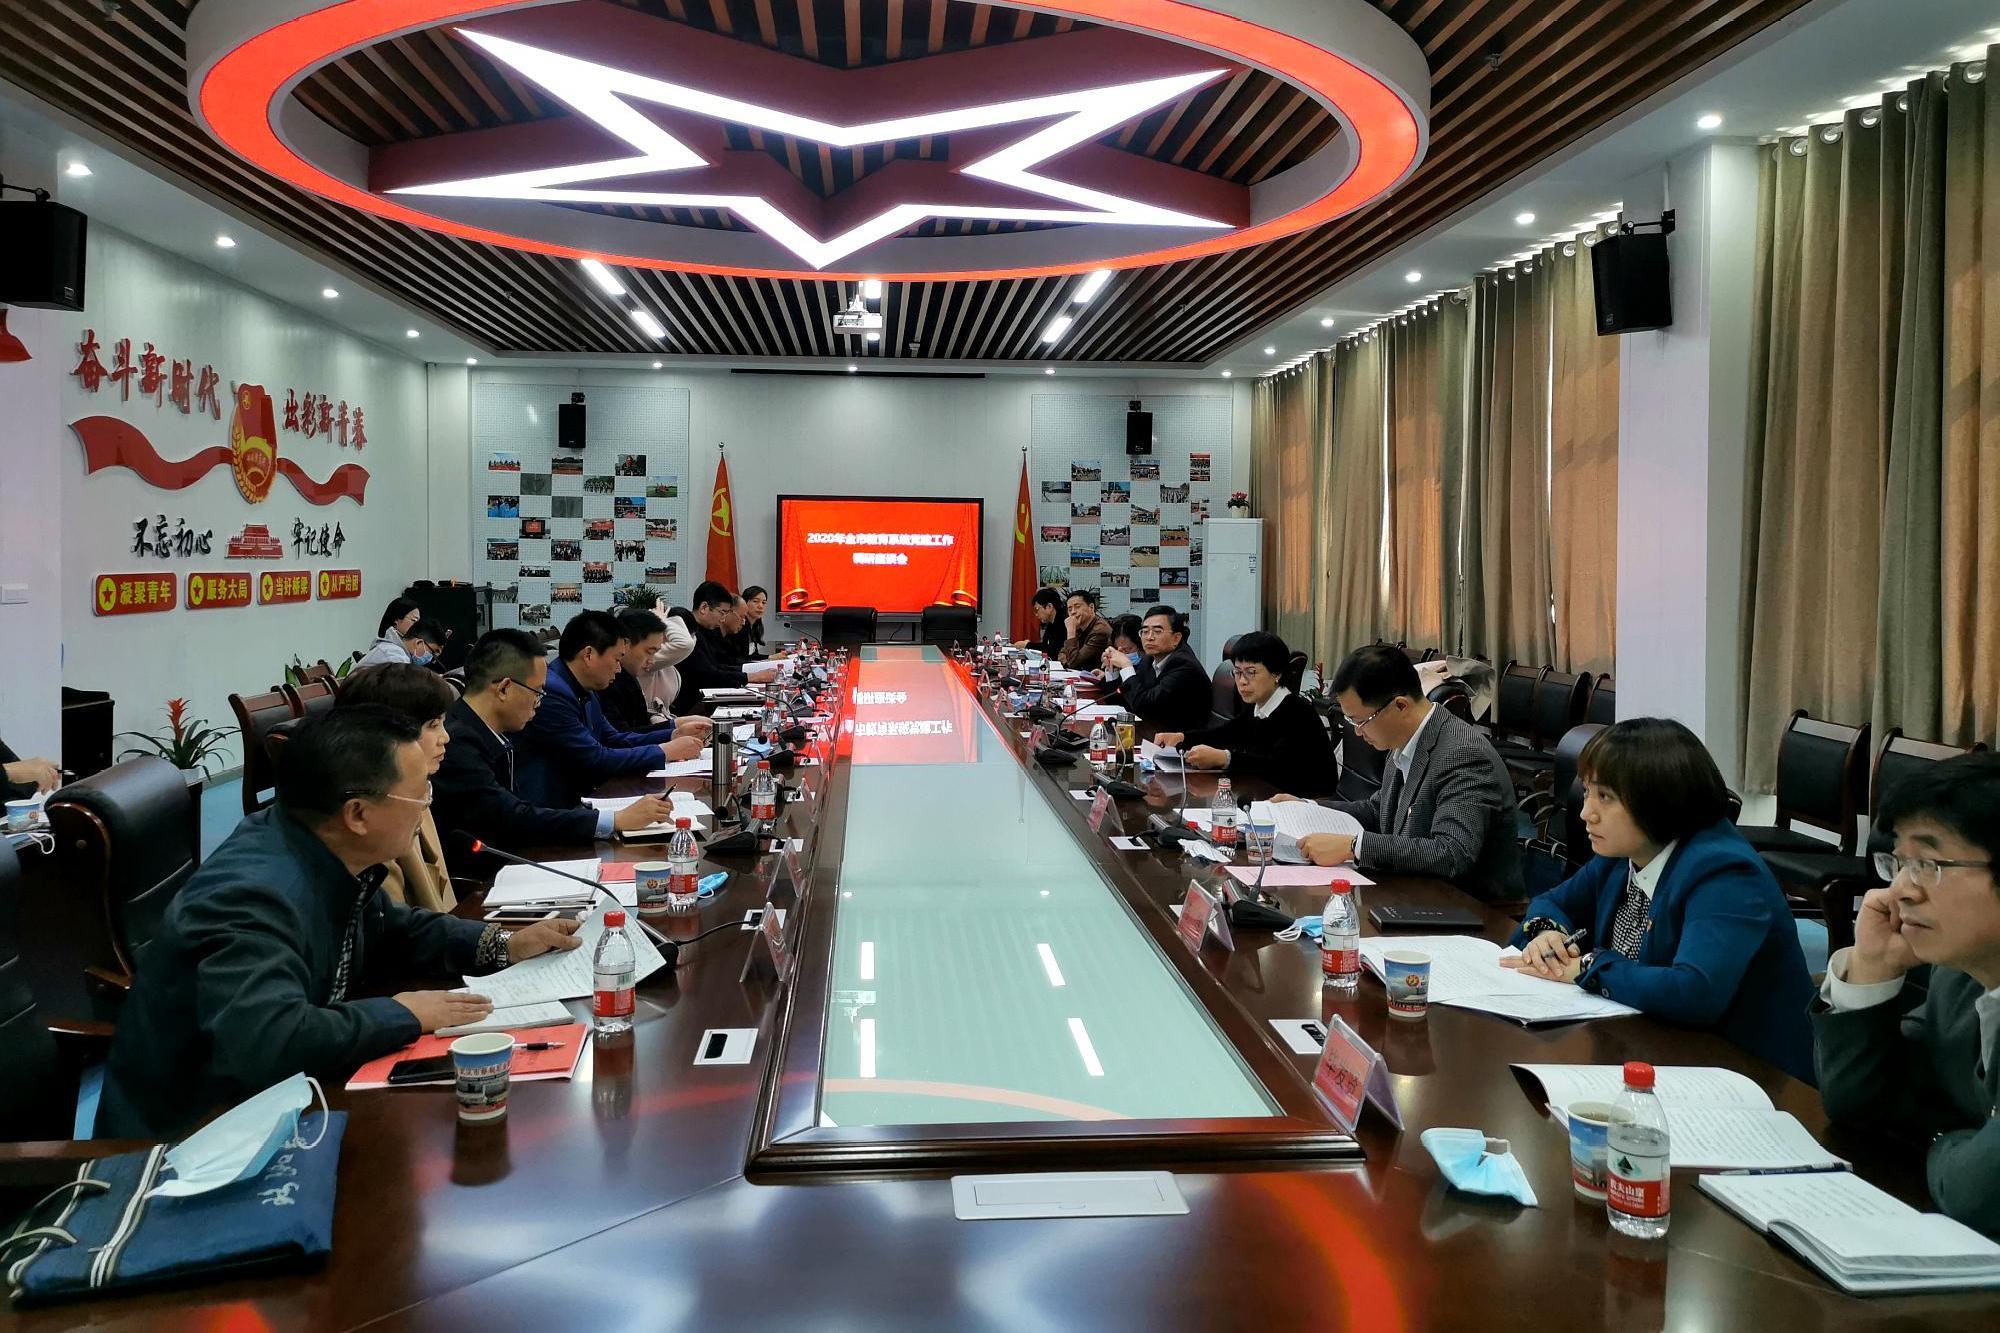 武汉市教育局党委书记徐定斌,调研蔡甸区的教育党建工作